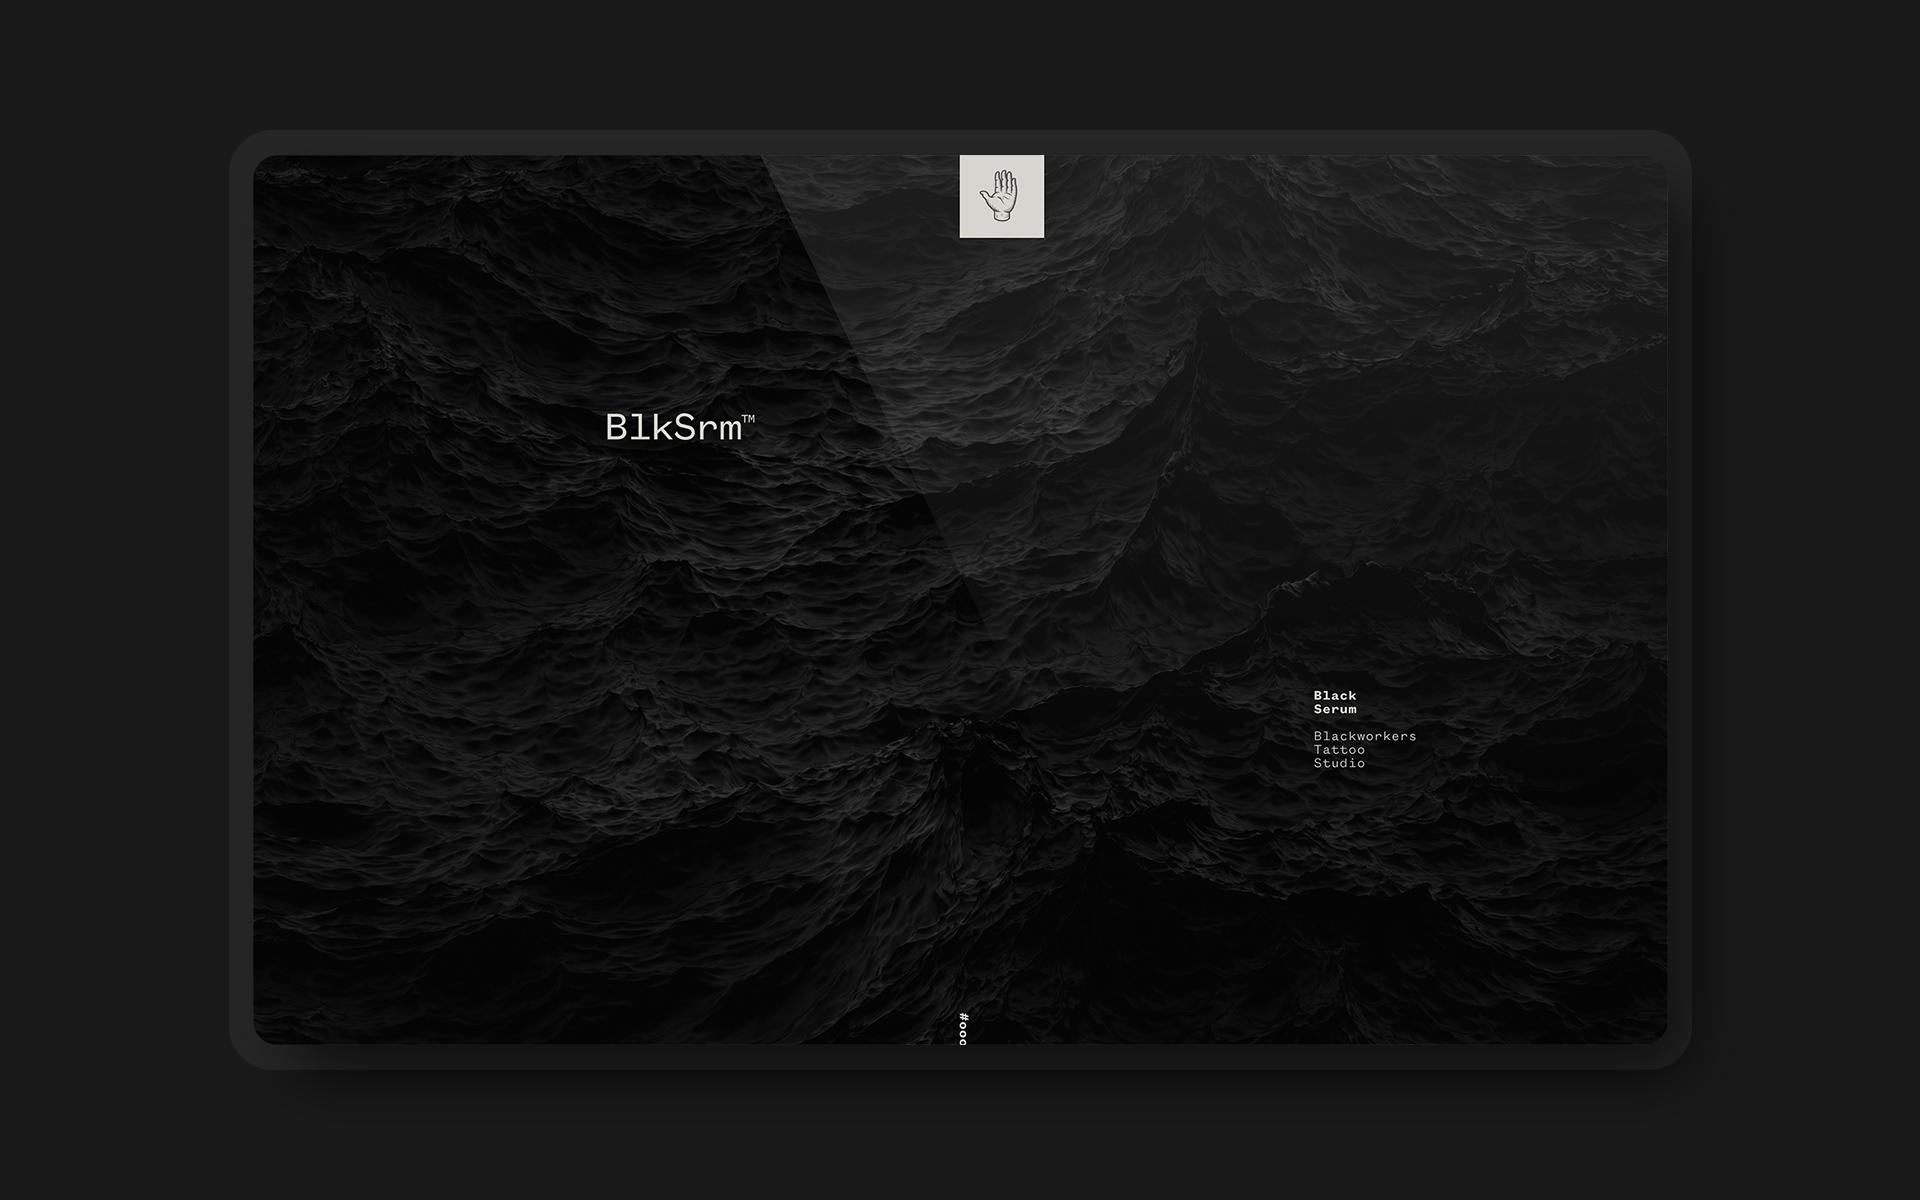 blksrm-website-overview